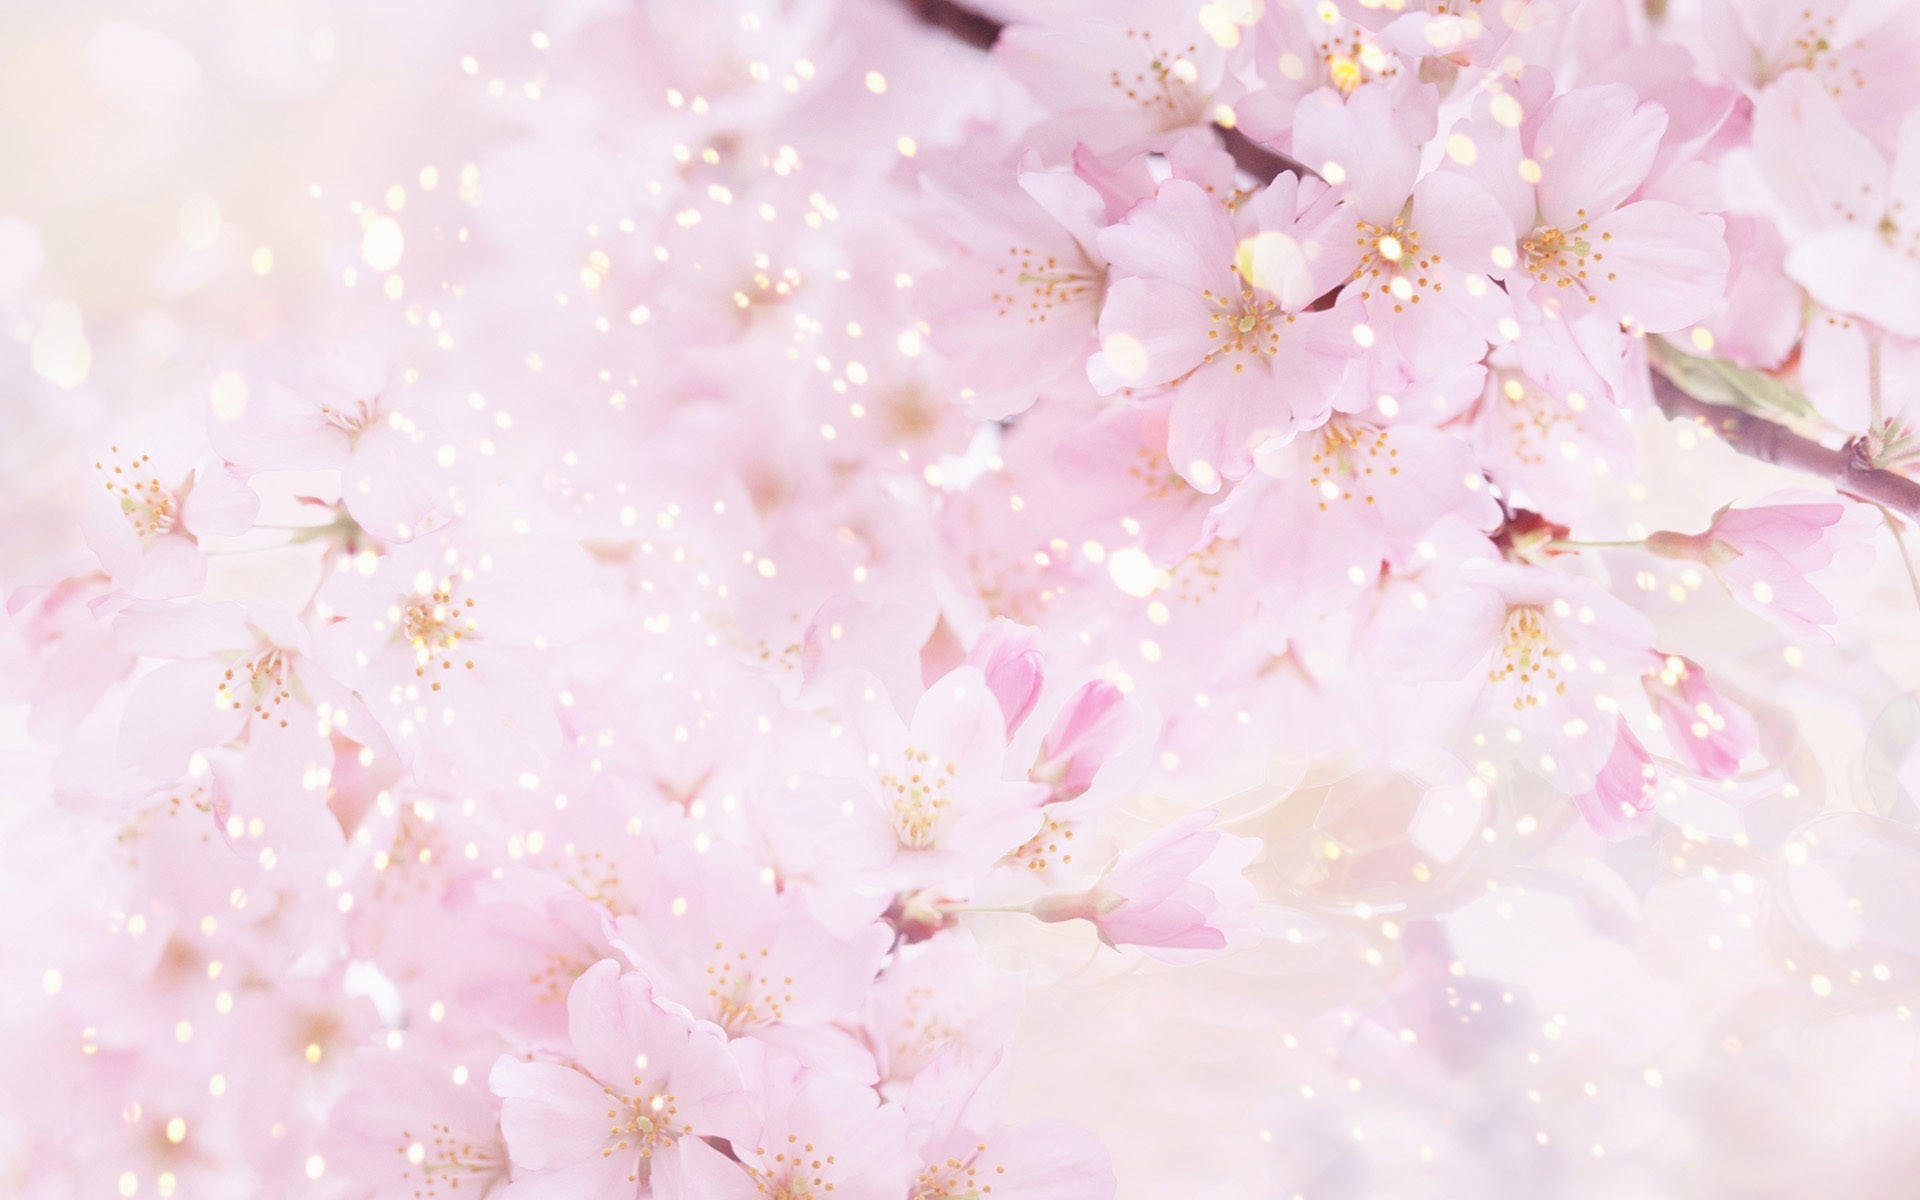 качественные фото цветов: